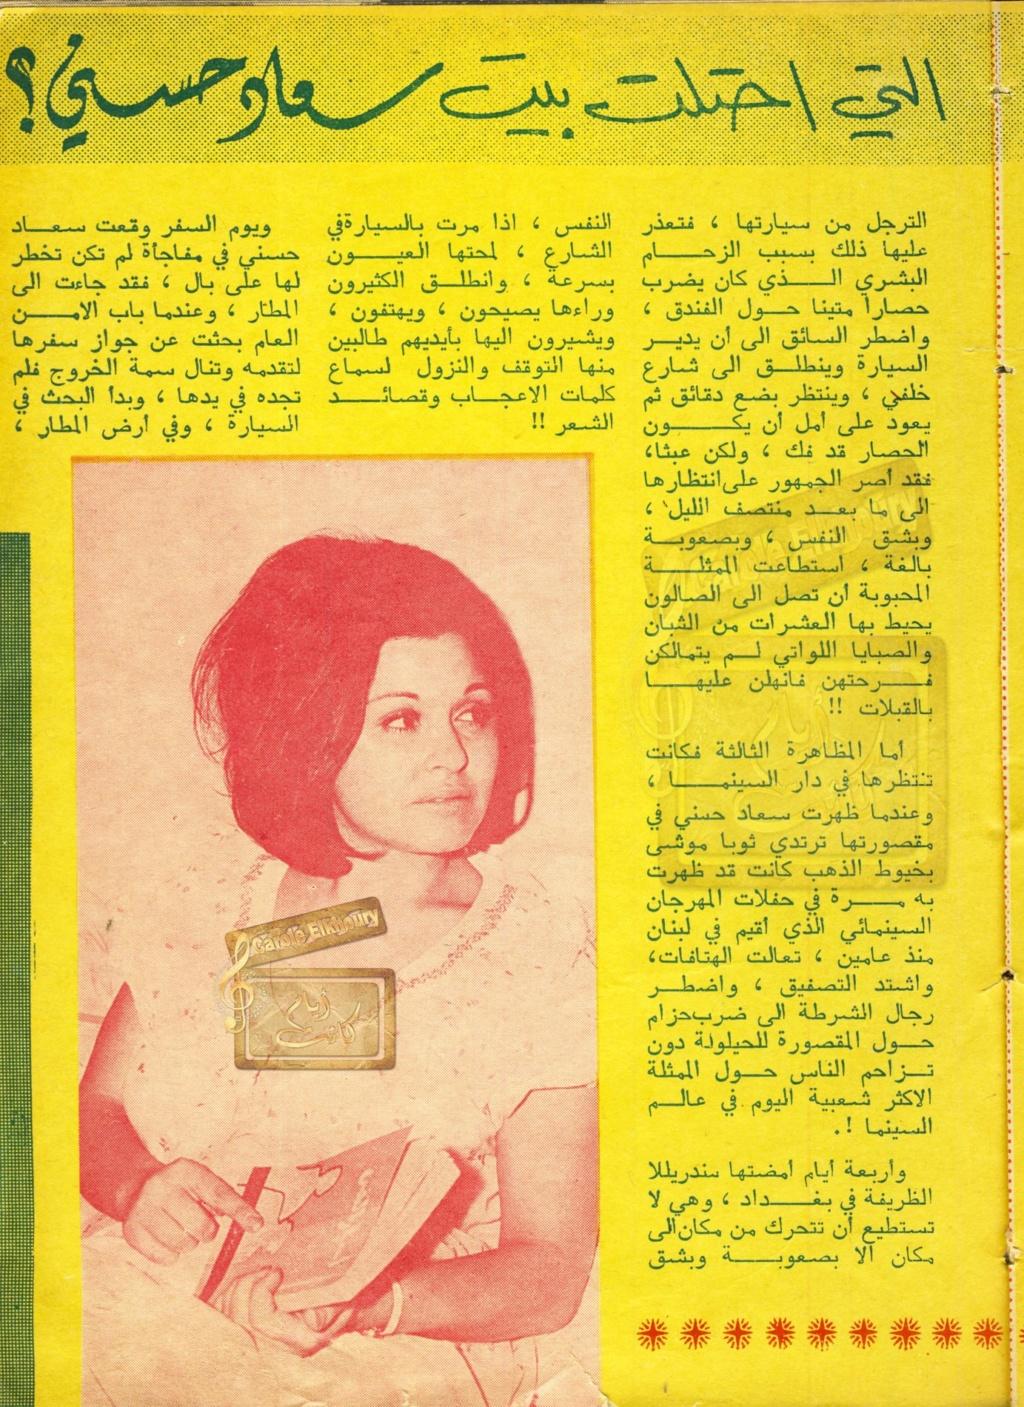 مقال صحفي : ماهو سر .. الفلاحة التي احتلت بيت سعاد حسني ؟ 1966 م 253